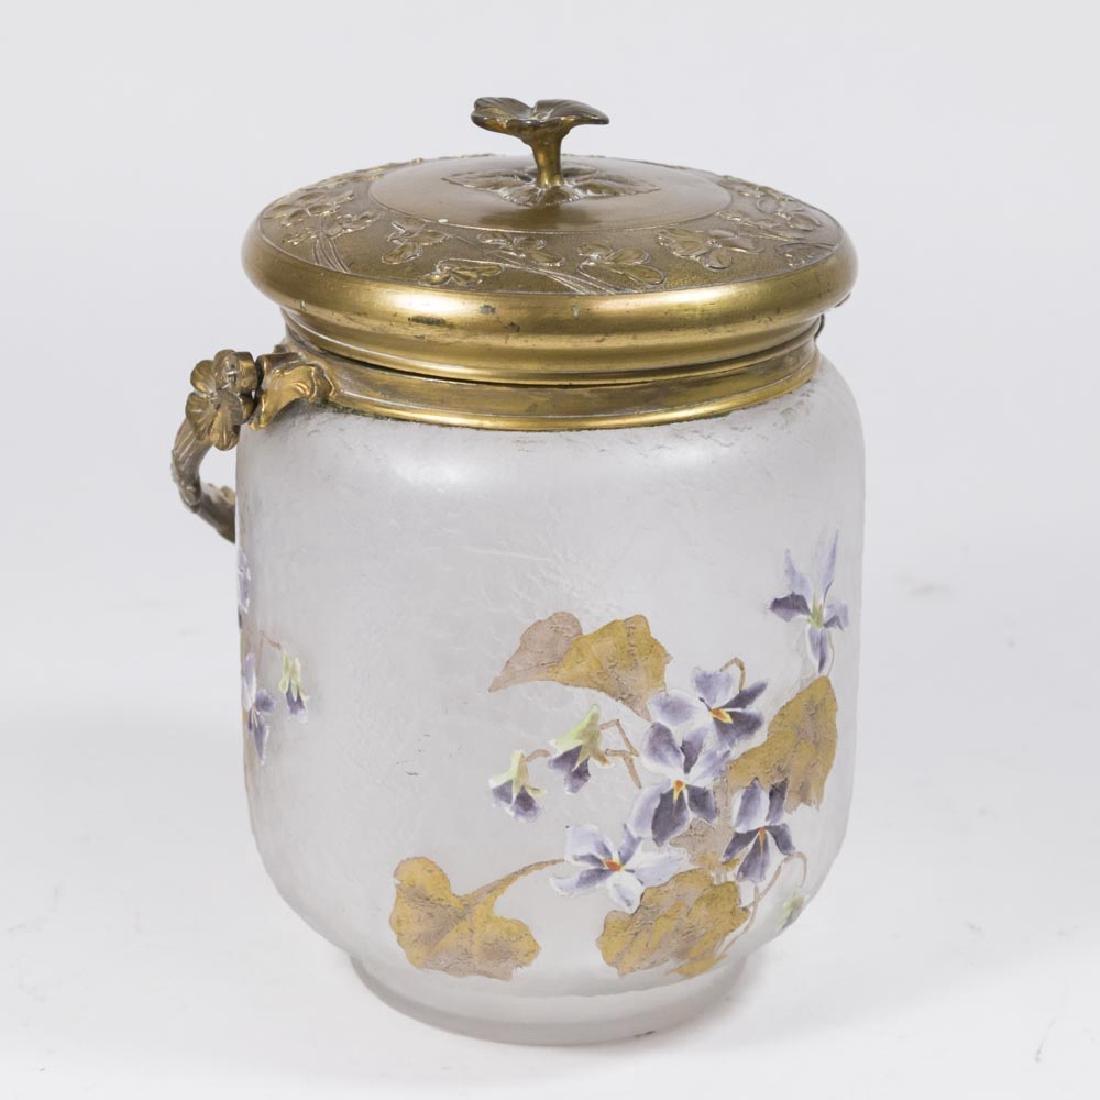 Emile Galle Metal Covered Biscuit Jar